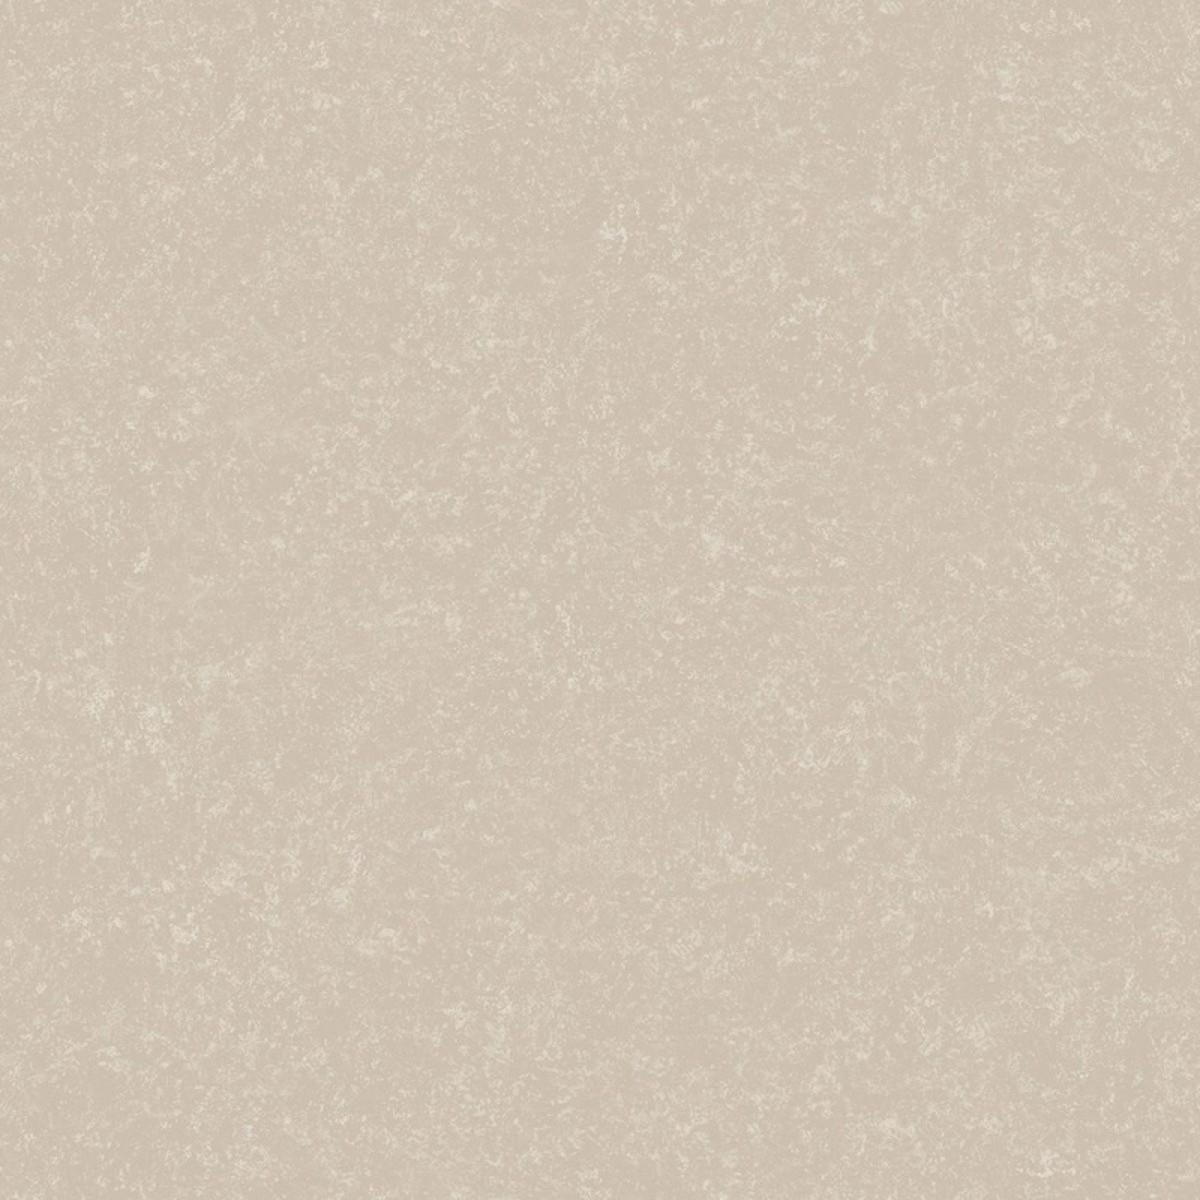 Виниловые обои Aura бежевые G34366 0.53 м